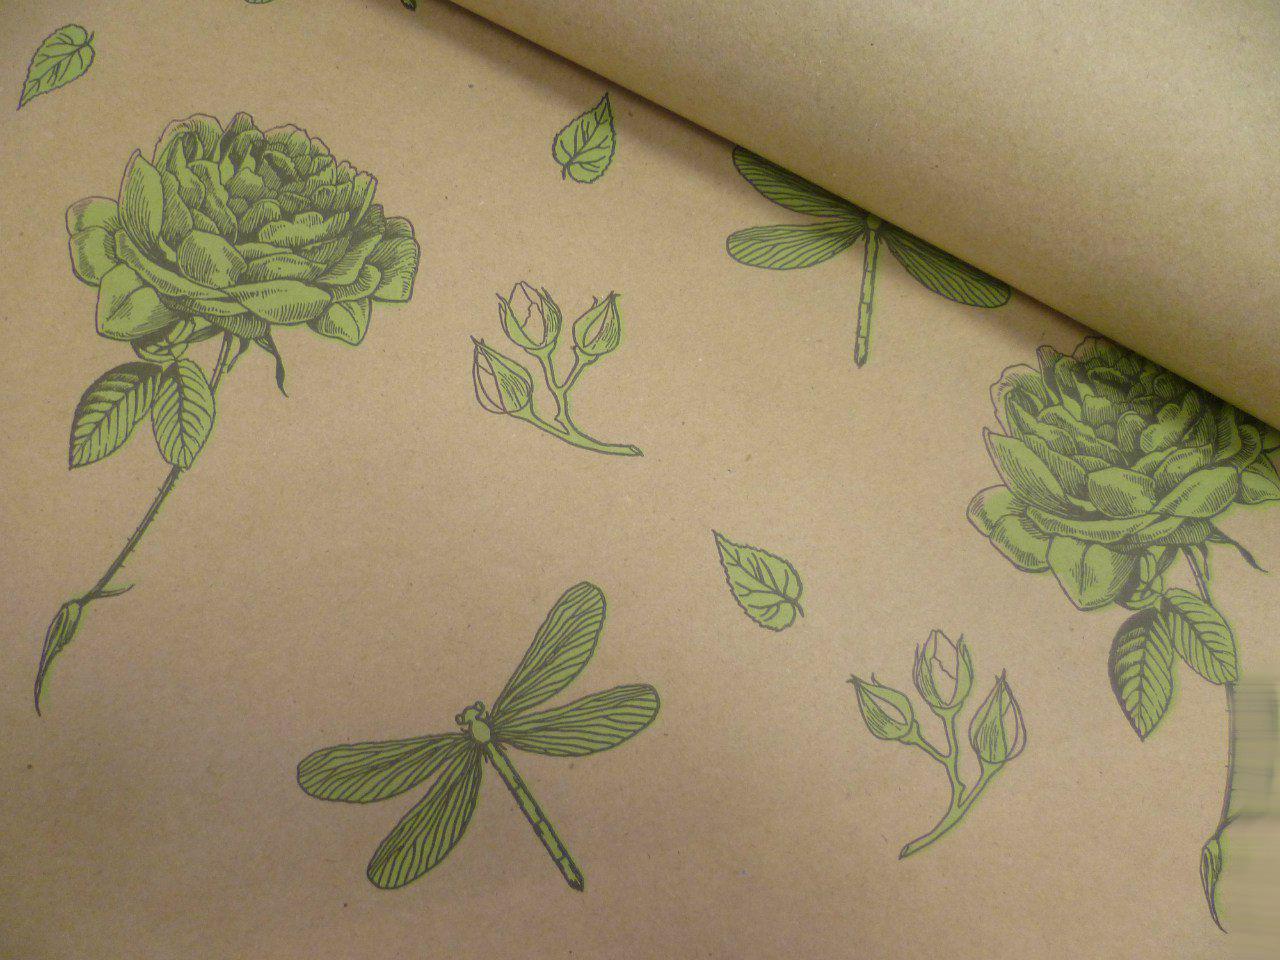 Оберточная бумага и картинки для творчества